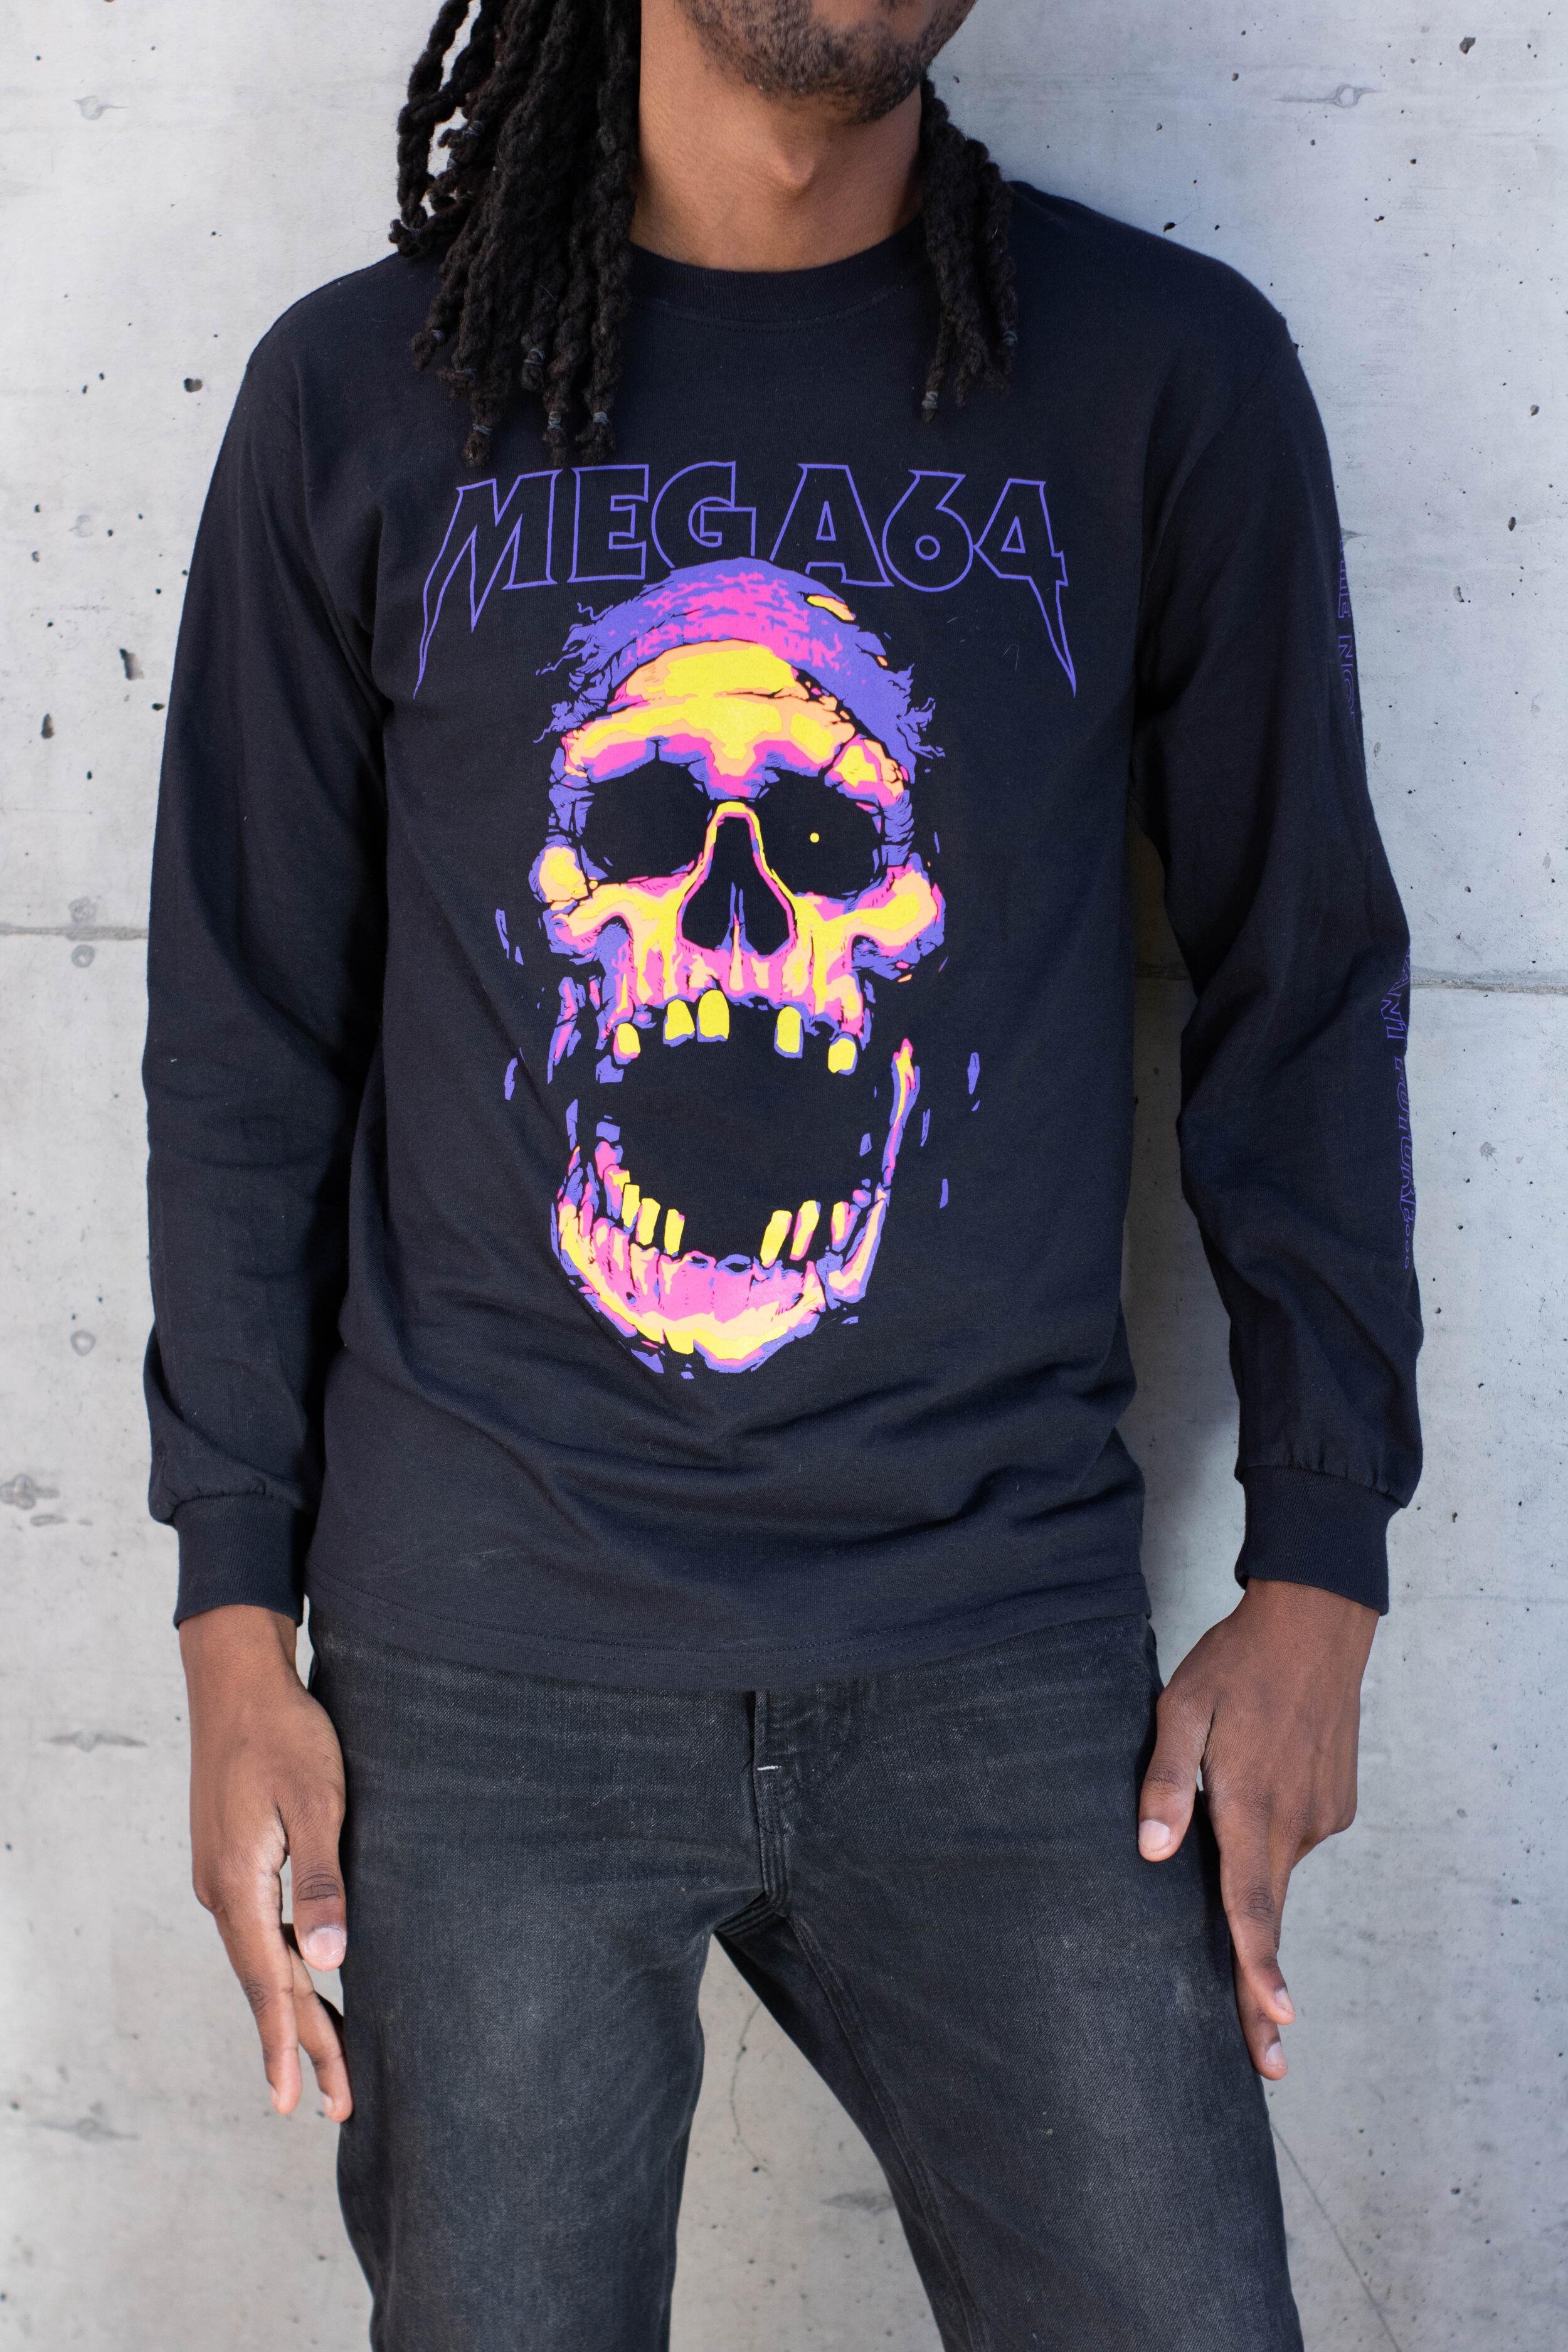 Mega64Merch-PeachGirlPhotography-3119.jpg